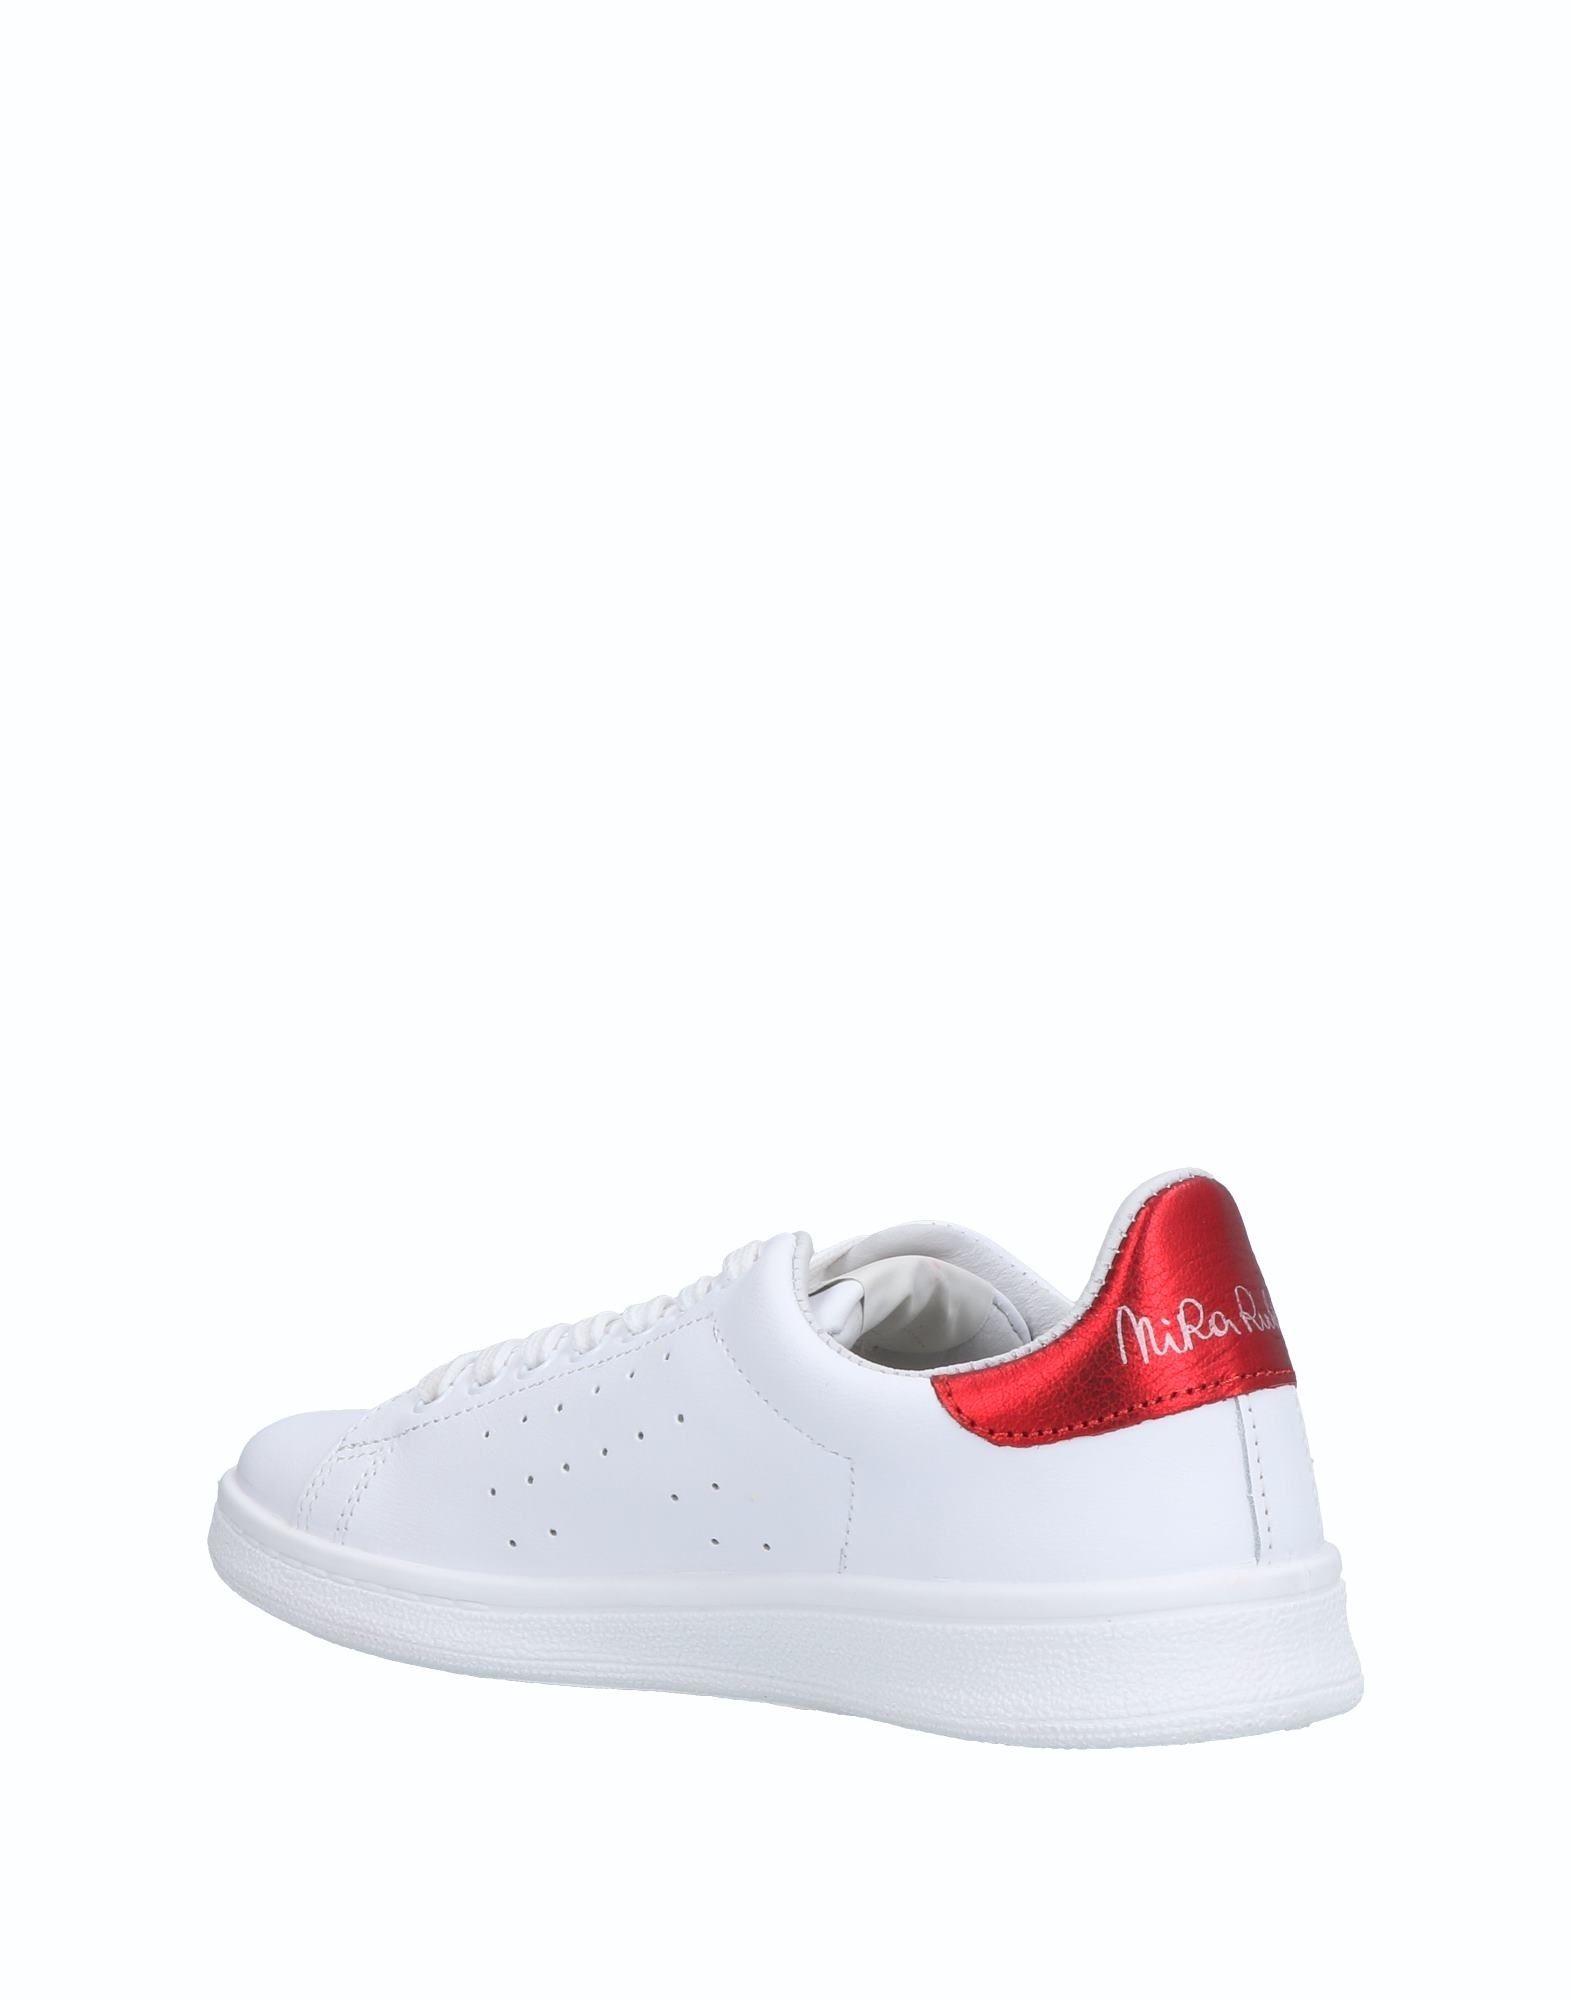 Nira Rubens Gute Sneakers Damen  11512680HU Gute Rubens Qualität beliebte Schuhe 3ba40a